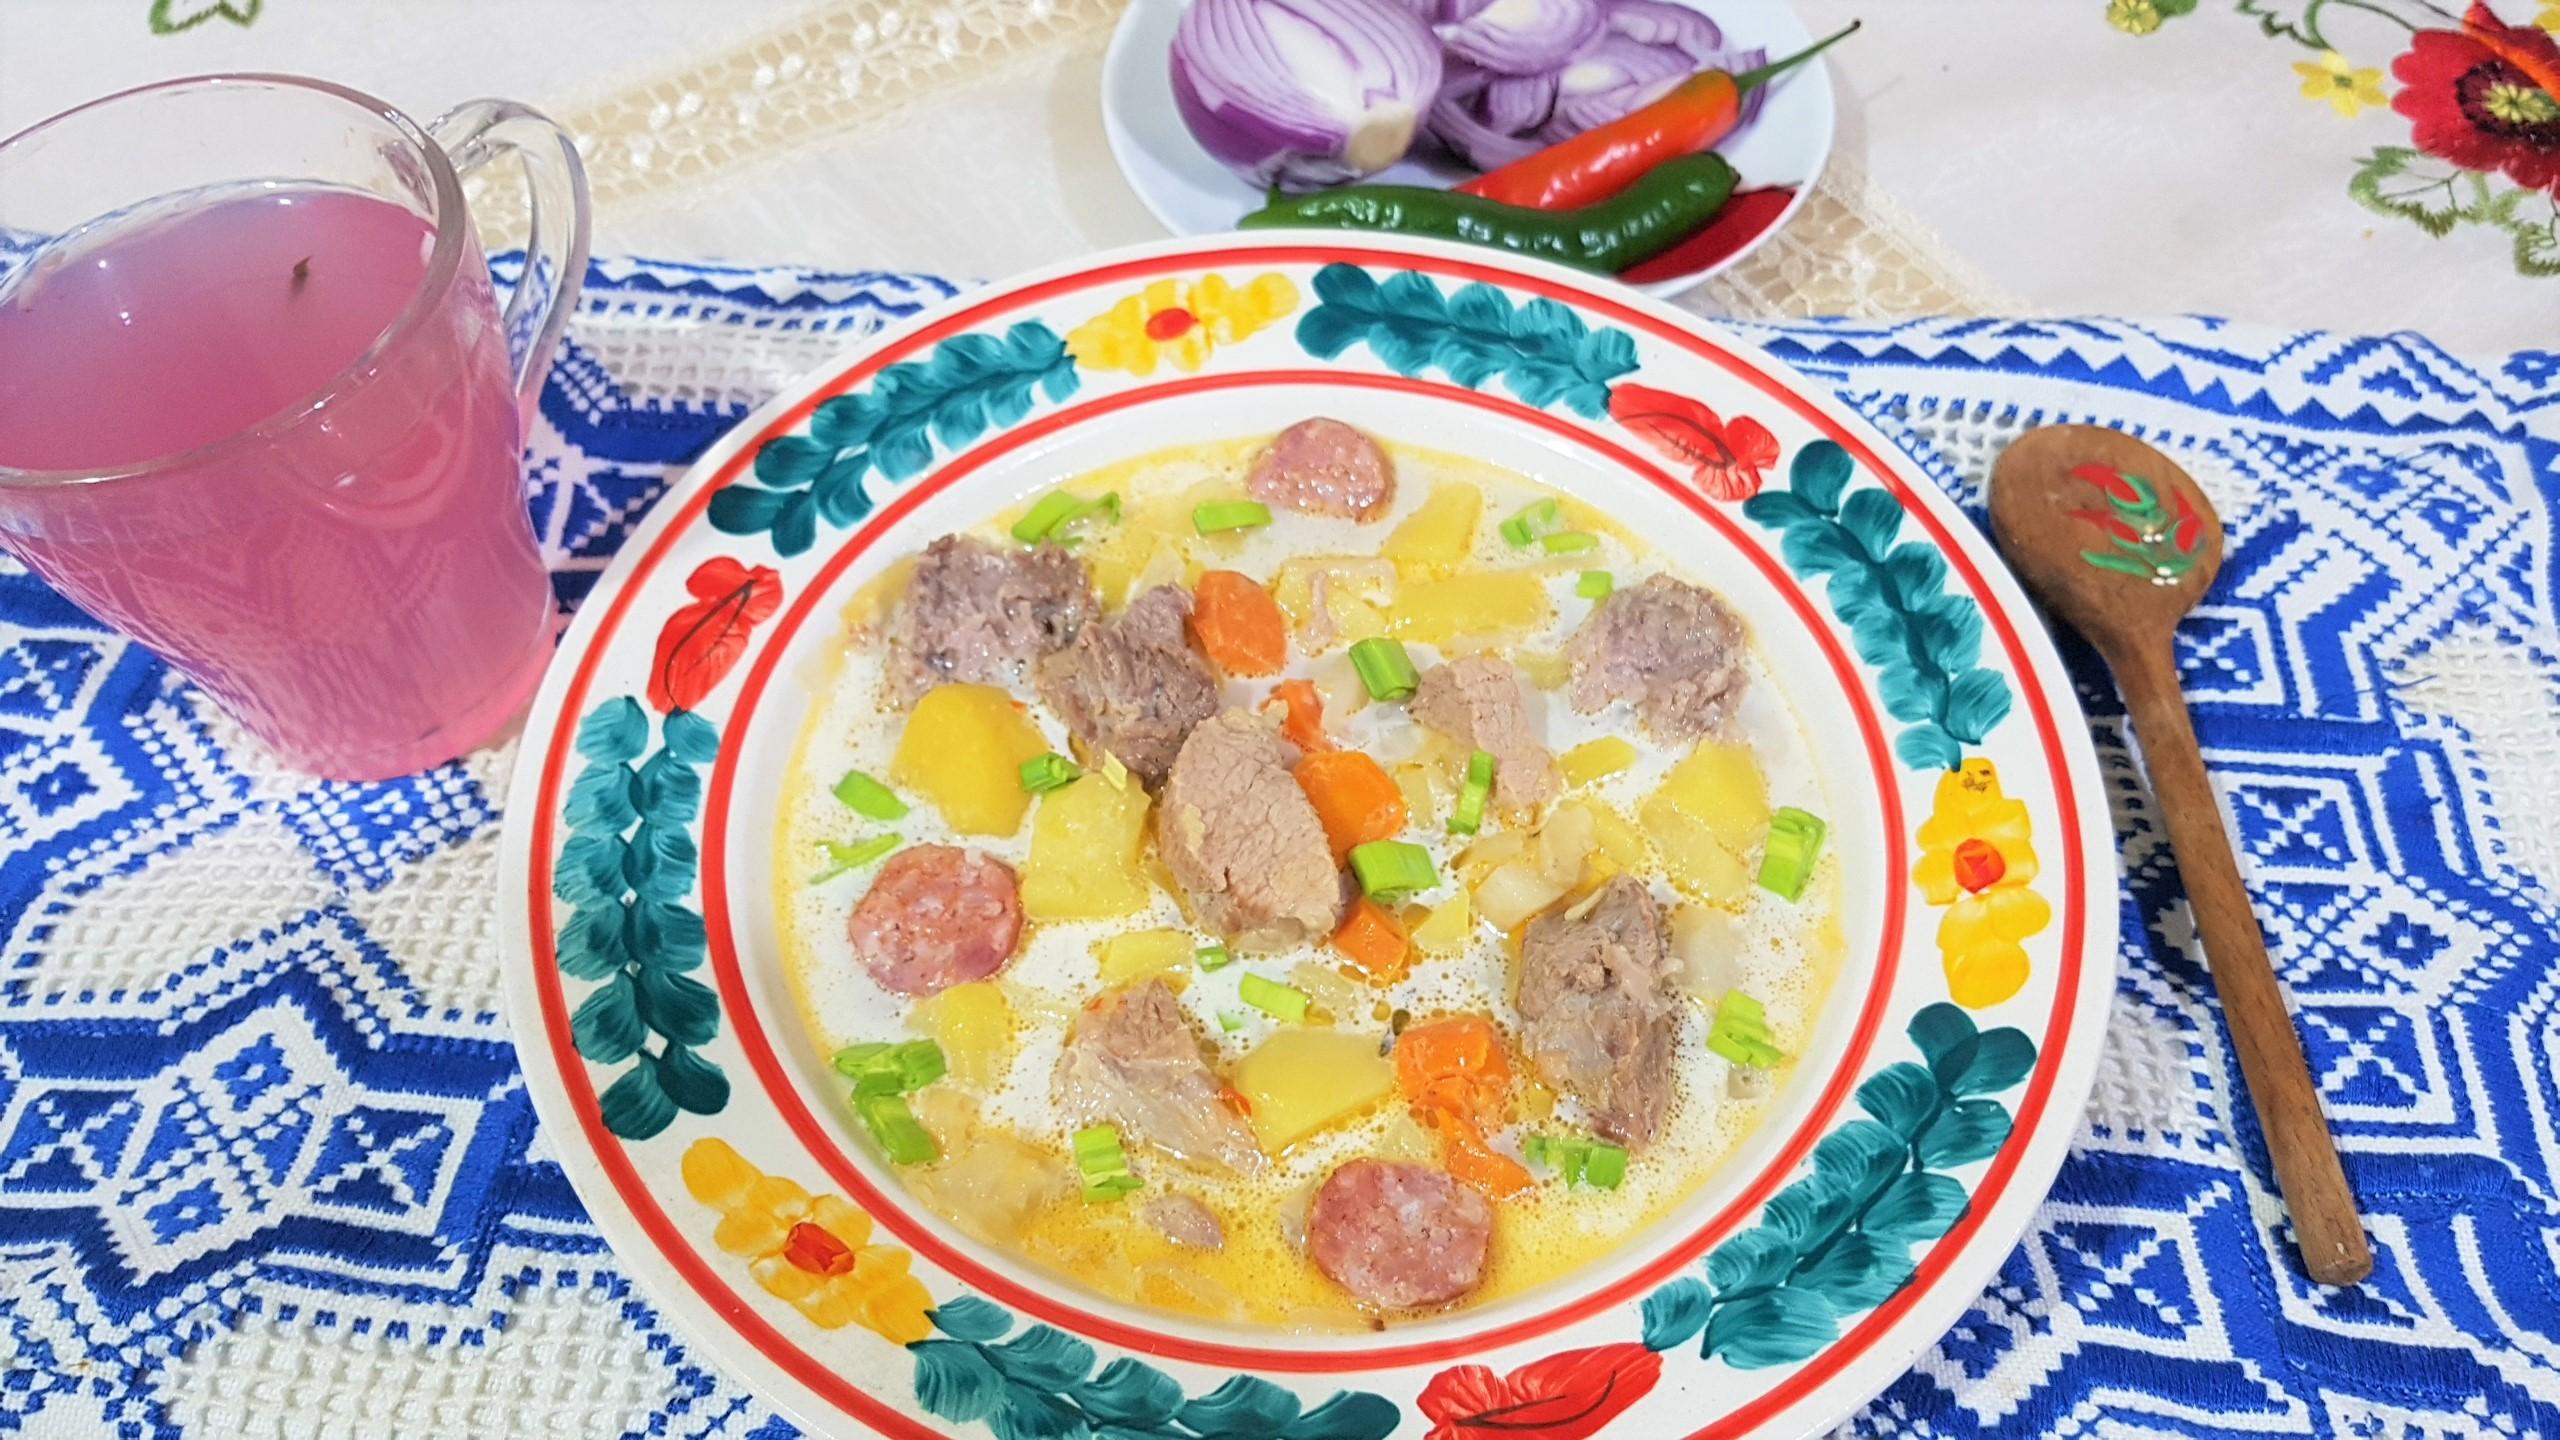 Ciorba cu zeama de varza acra cu carnati, cartofi si smantana